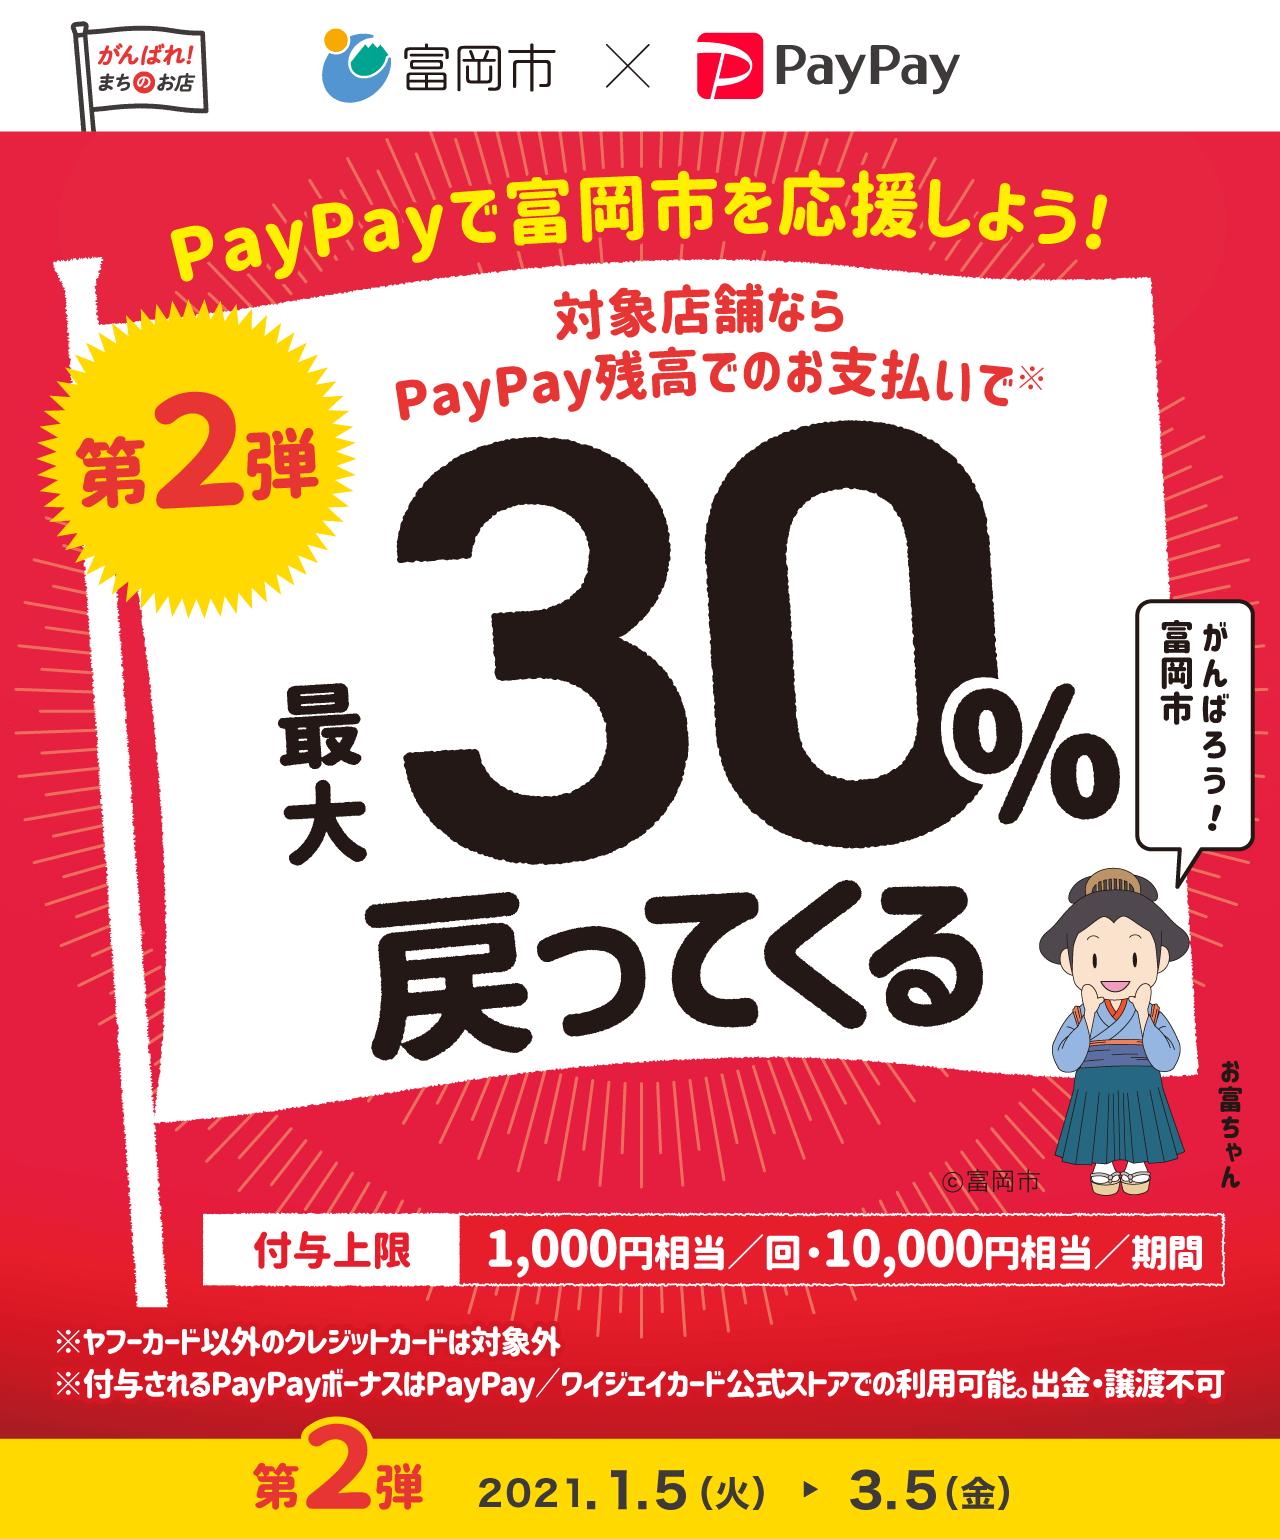 PayPayで富岡市を応援しよう! 第2弾 対象店舗ならPayPay残高でのお支払いで 最大30%戻ってくる